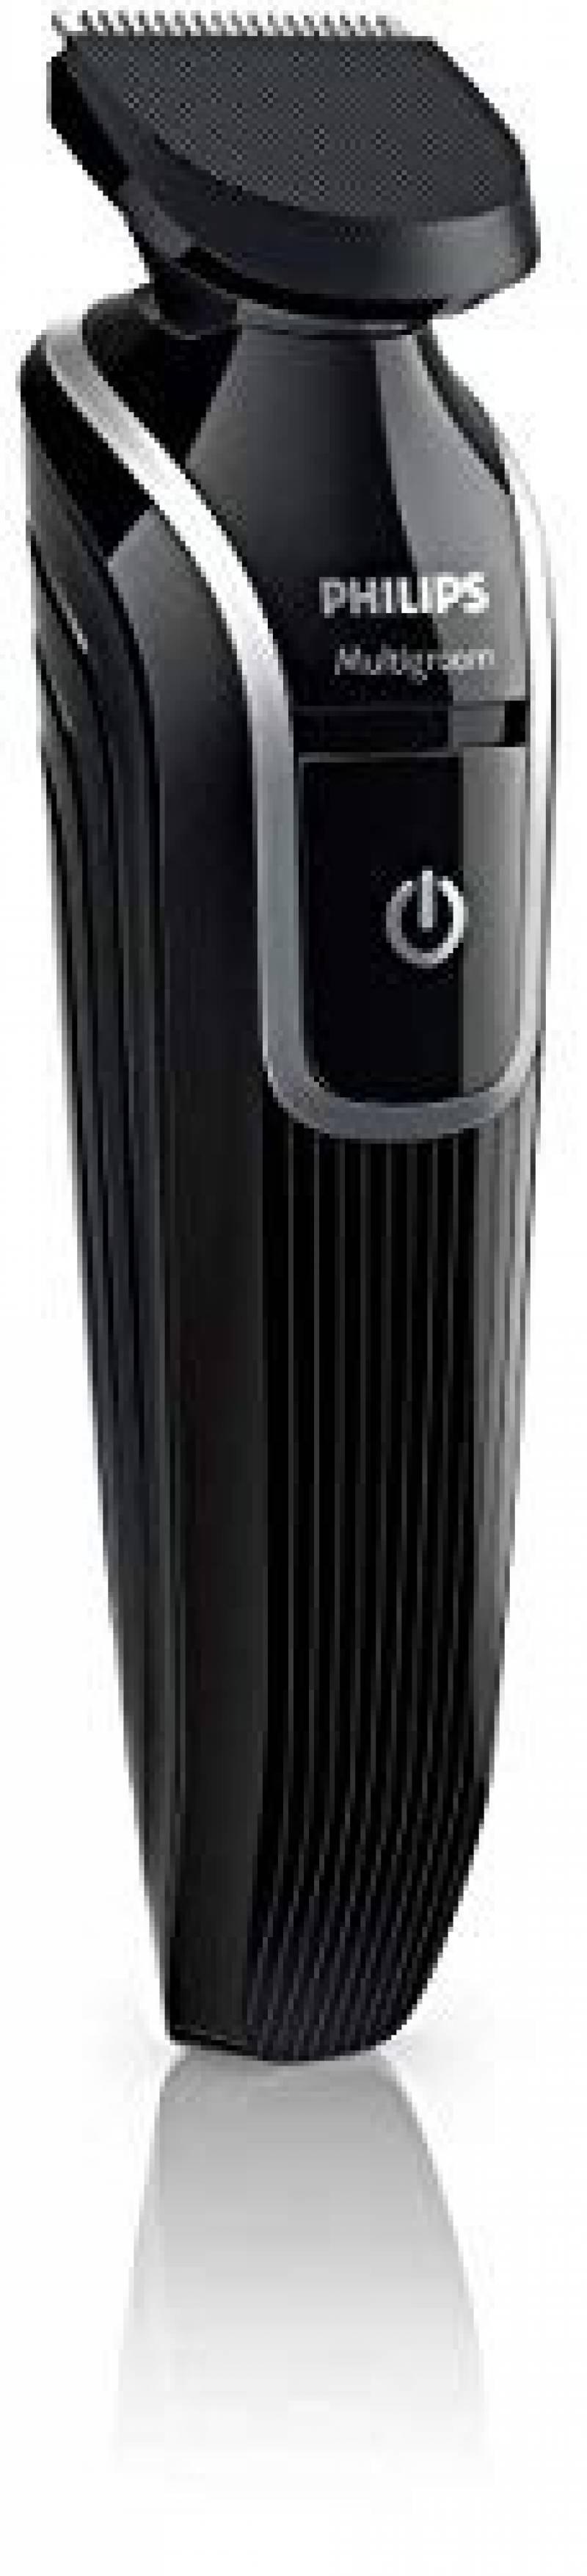 Philips - QG3321/16 - Multigroom Séries 3000 - Tondeuse Multi-Styles + Accessoires de Précision de la marque Philips TOP 3 image 0 produit